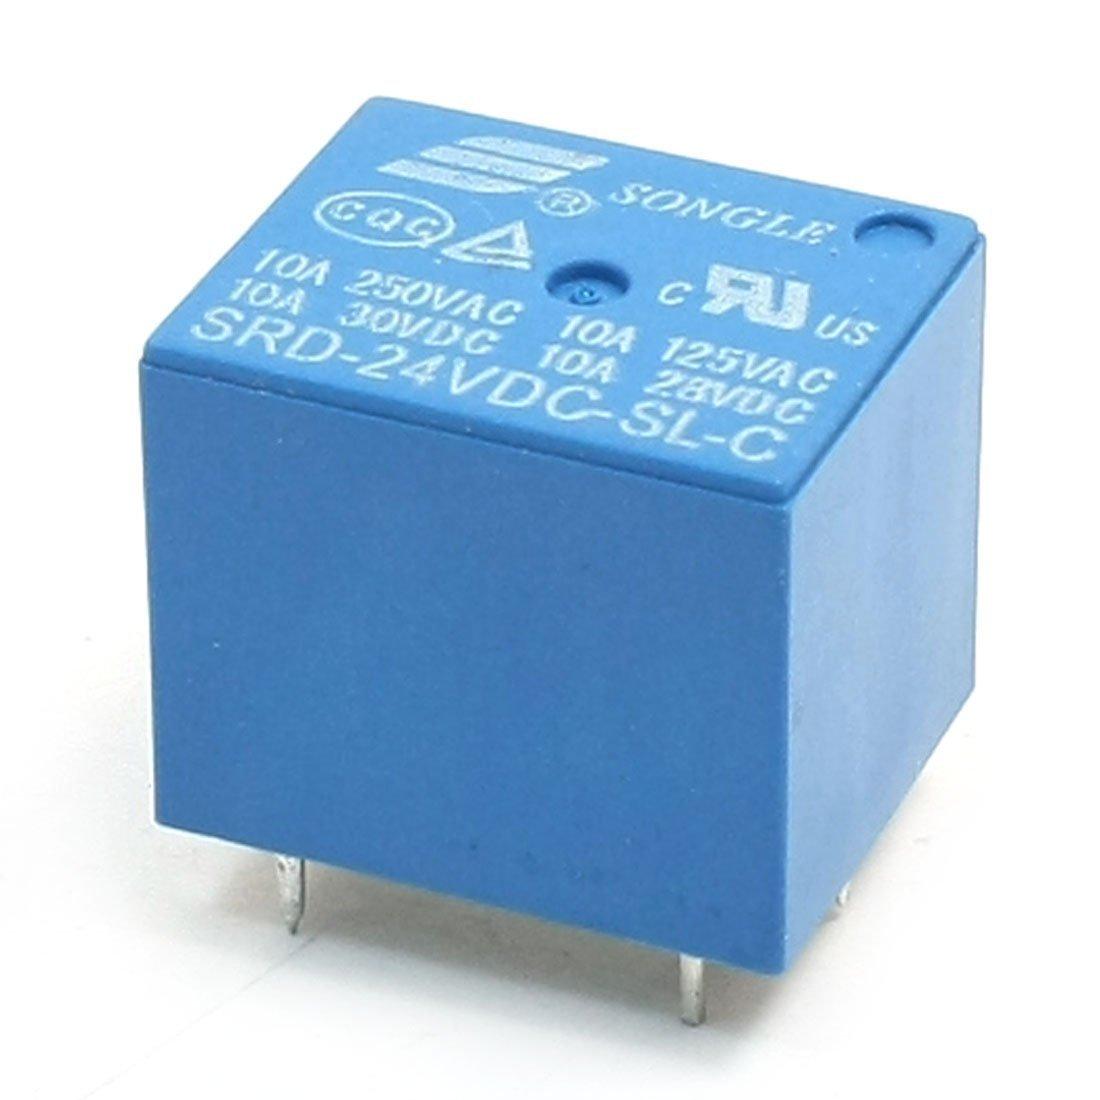 SRD-24VDC-SL-C DC 24V nominal de la bobina SPDT Miniature PCB azul Power Relay